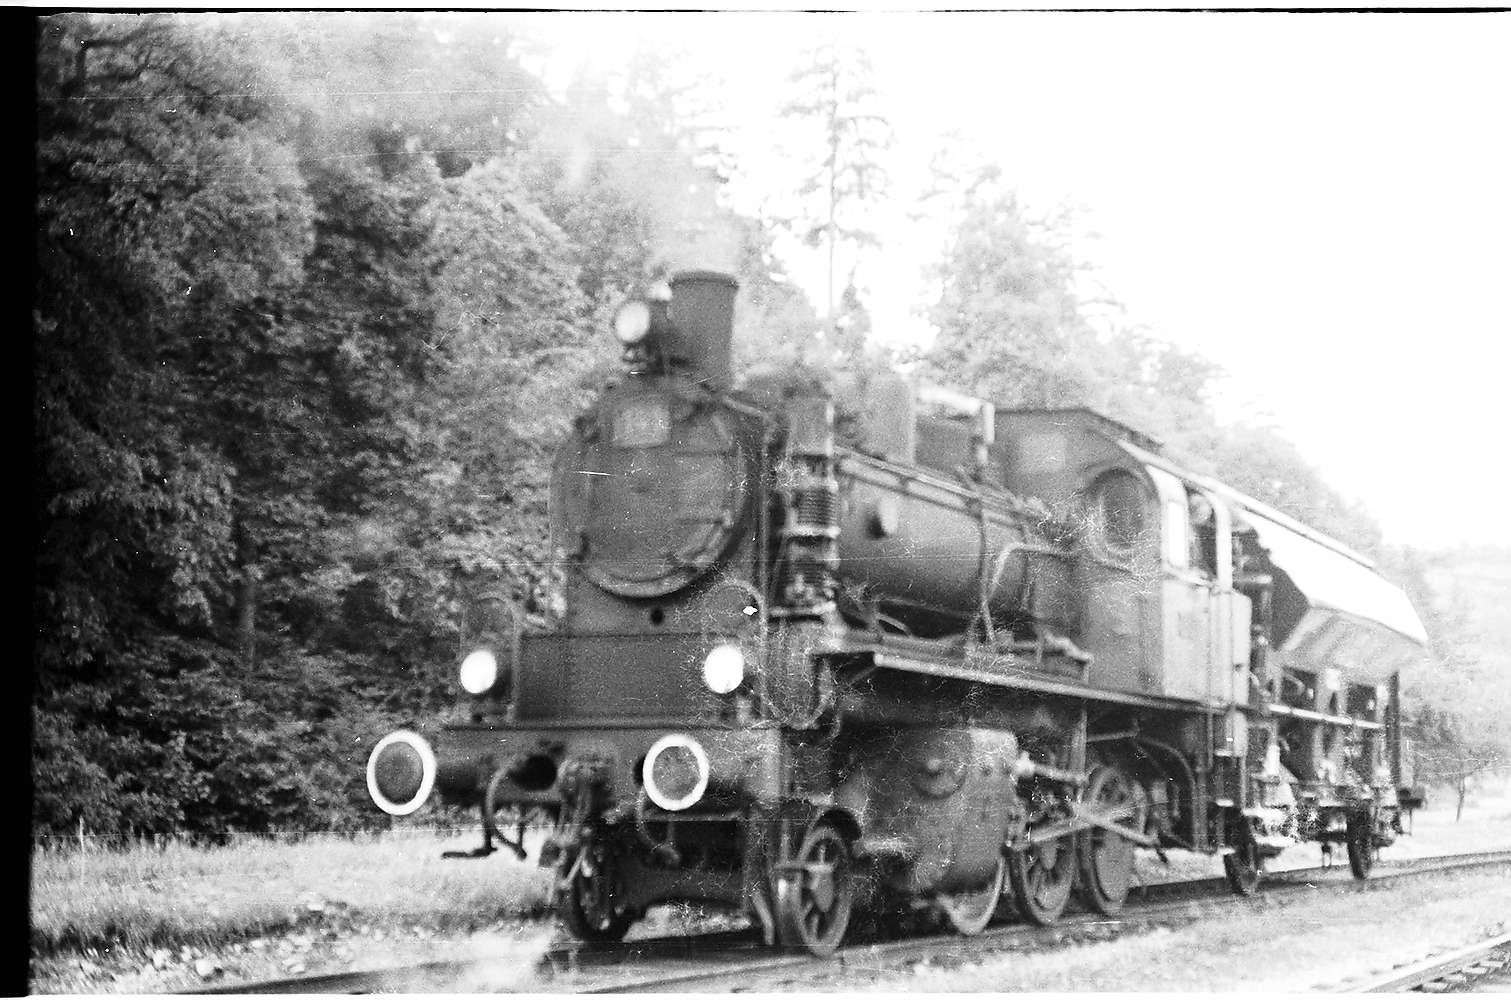 Lok 141, Rangieren Bahnhof Stetten bei Haigerloch, altes Gleis direkt an der Saline, nach Fertigstellung des Schrägschachtes 1968 entfernt, Bild 1